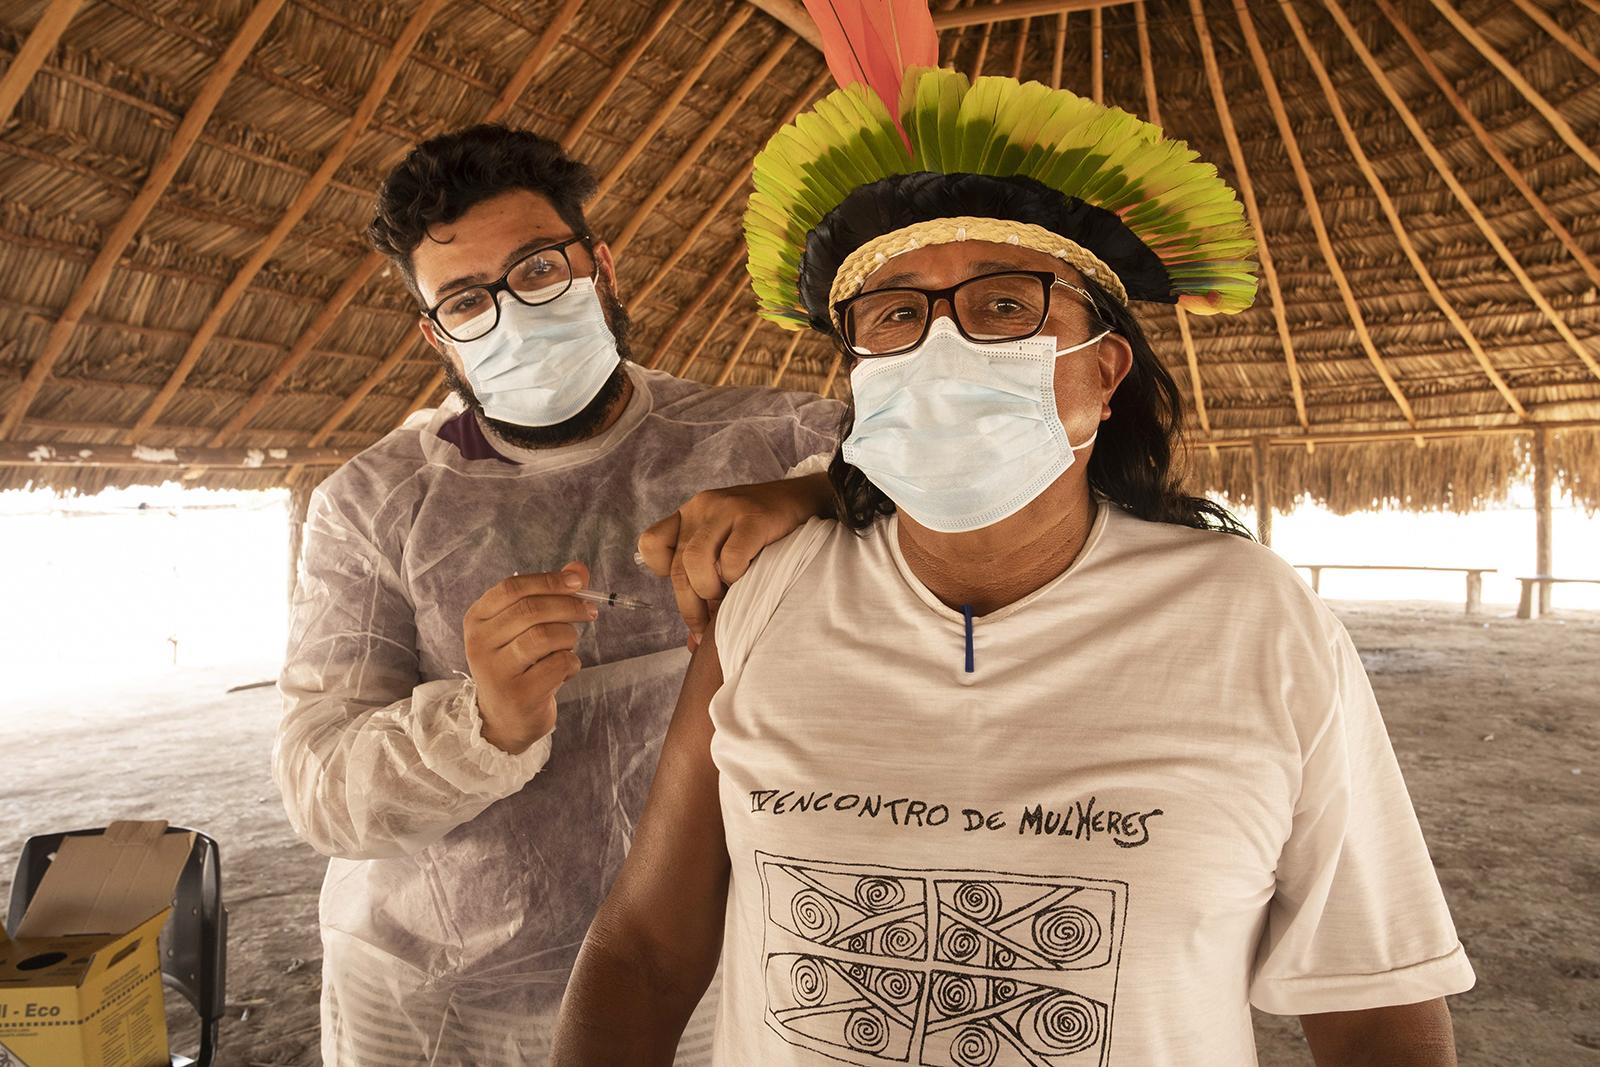 Profissionais de saúde estão trabalhando para vacinar todos os residentes da Terra Indígena do Xingu, que abrange uma área quase tão grande quanto o estado de Massachusetts.